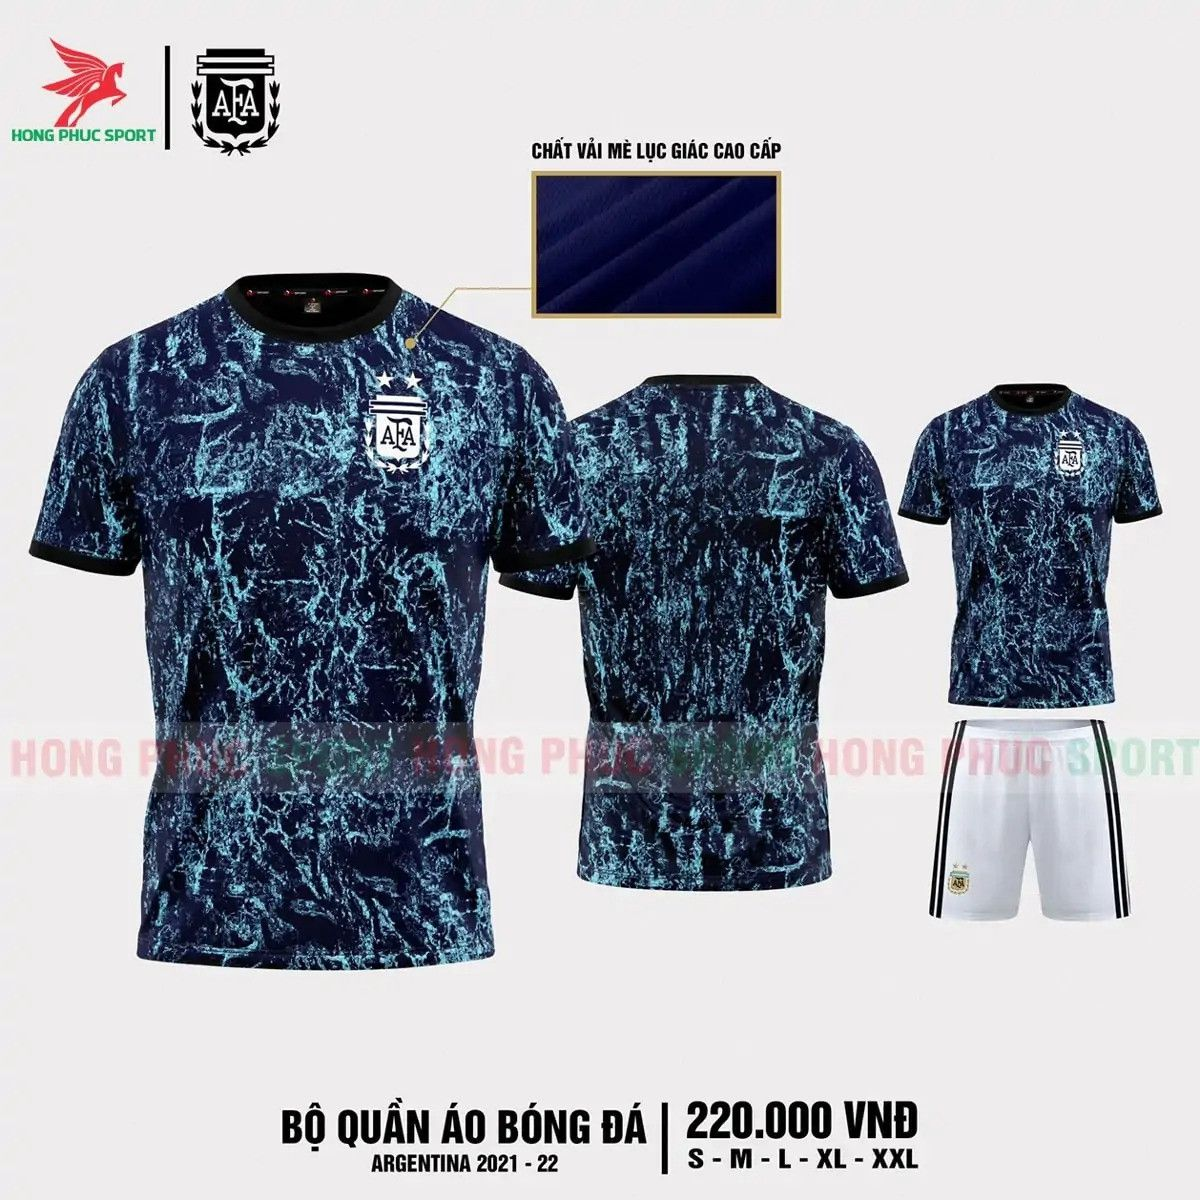 https://cdn.hongphucsport.com/unsafe/s4.shopbay.vn/files/285/ao-dau-argentina-2021-san-nha-mu-luc-giac-614aead0e453d.jpg